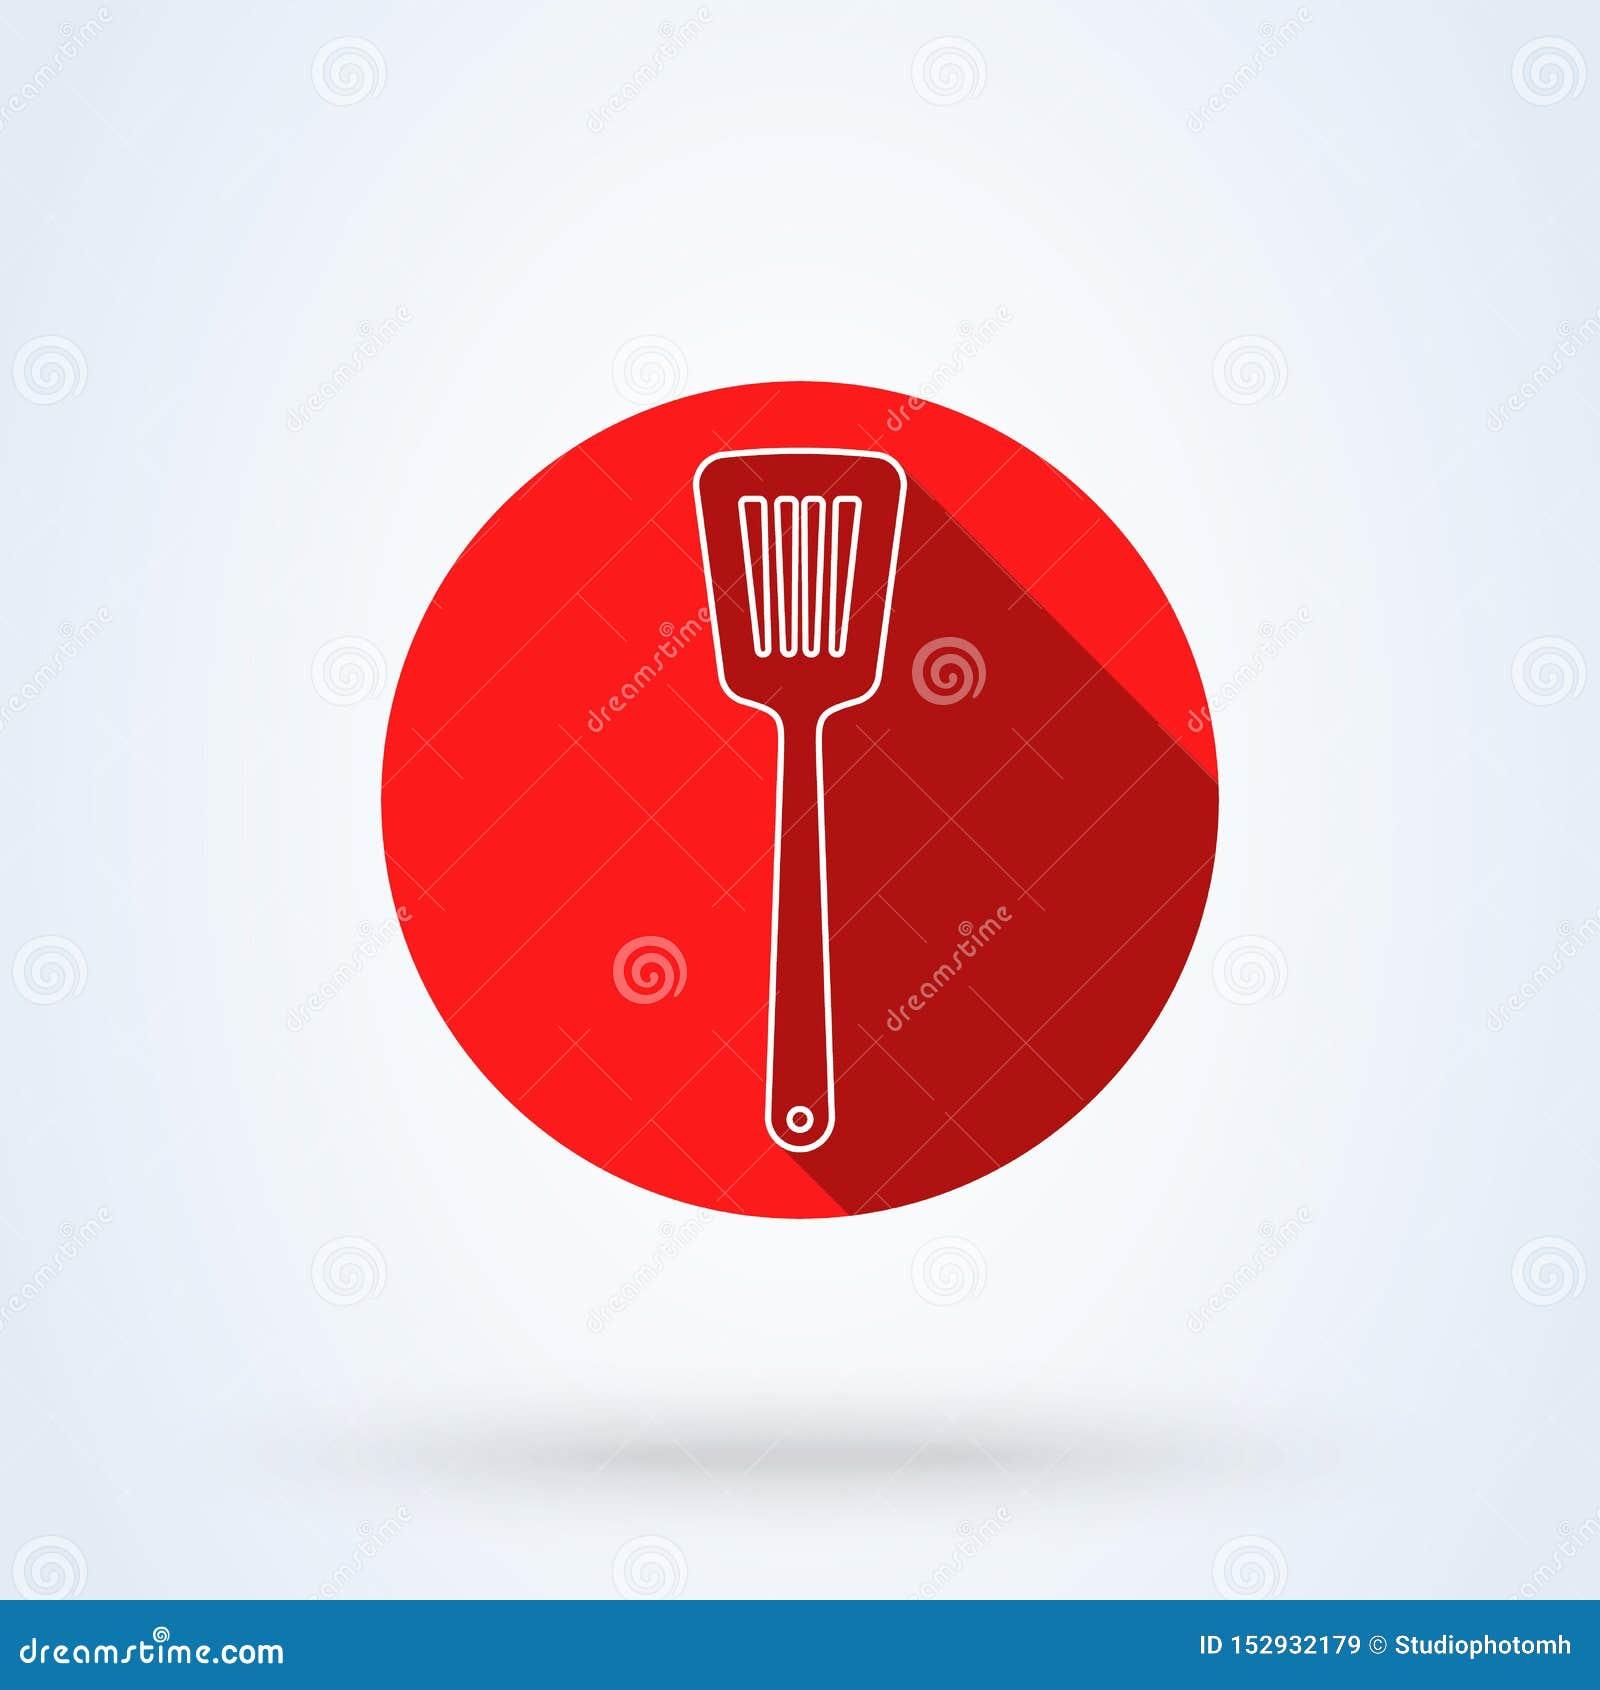 Kuchennej szpachelki Prosta kreskowa sztuka wektorowa nowożytna ikona projekta ilustracja